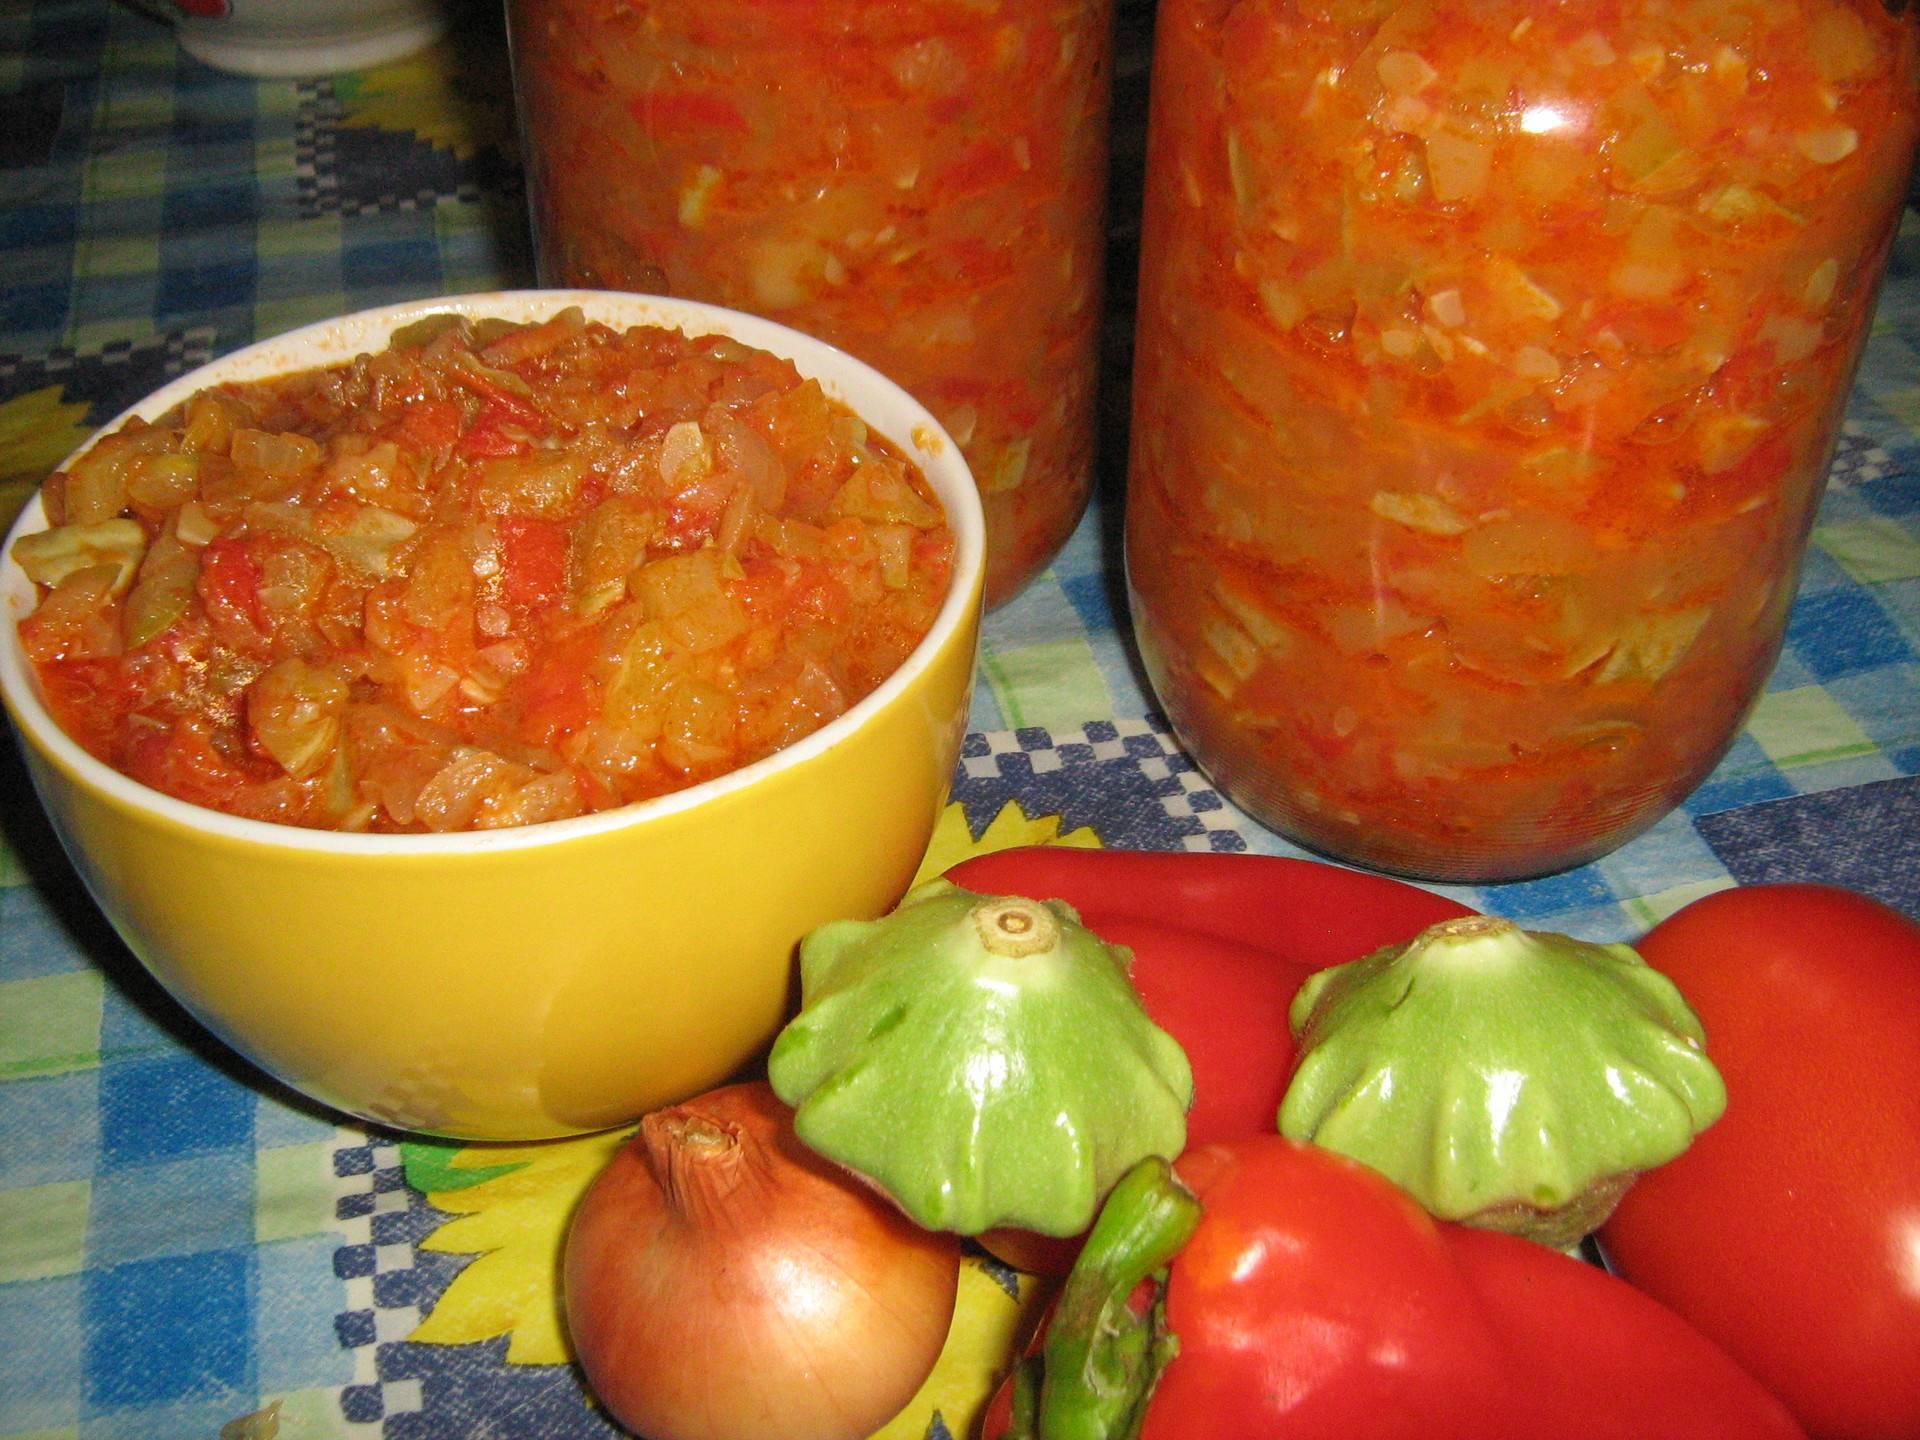 Как приготовить кабачковое варенье под ананас. необходимые ингредиенты для варенья из кабачков «под ананас»